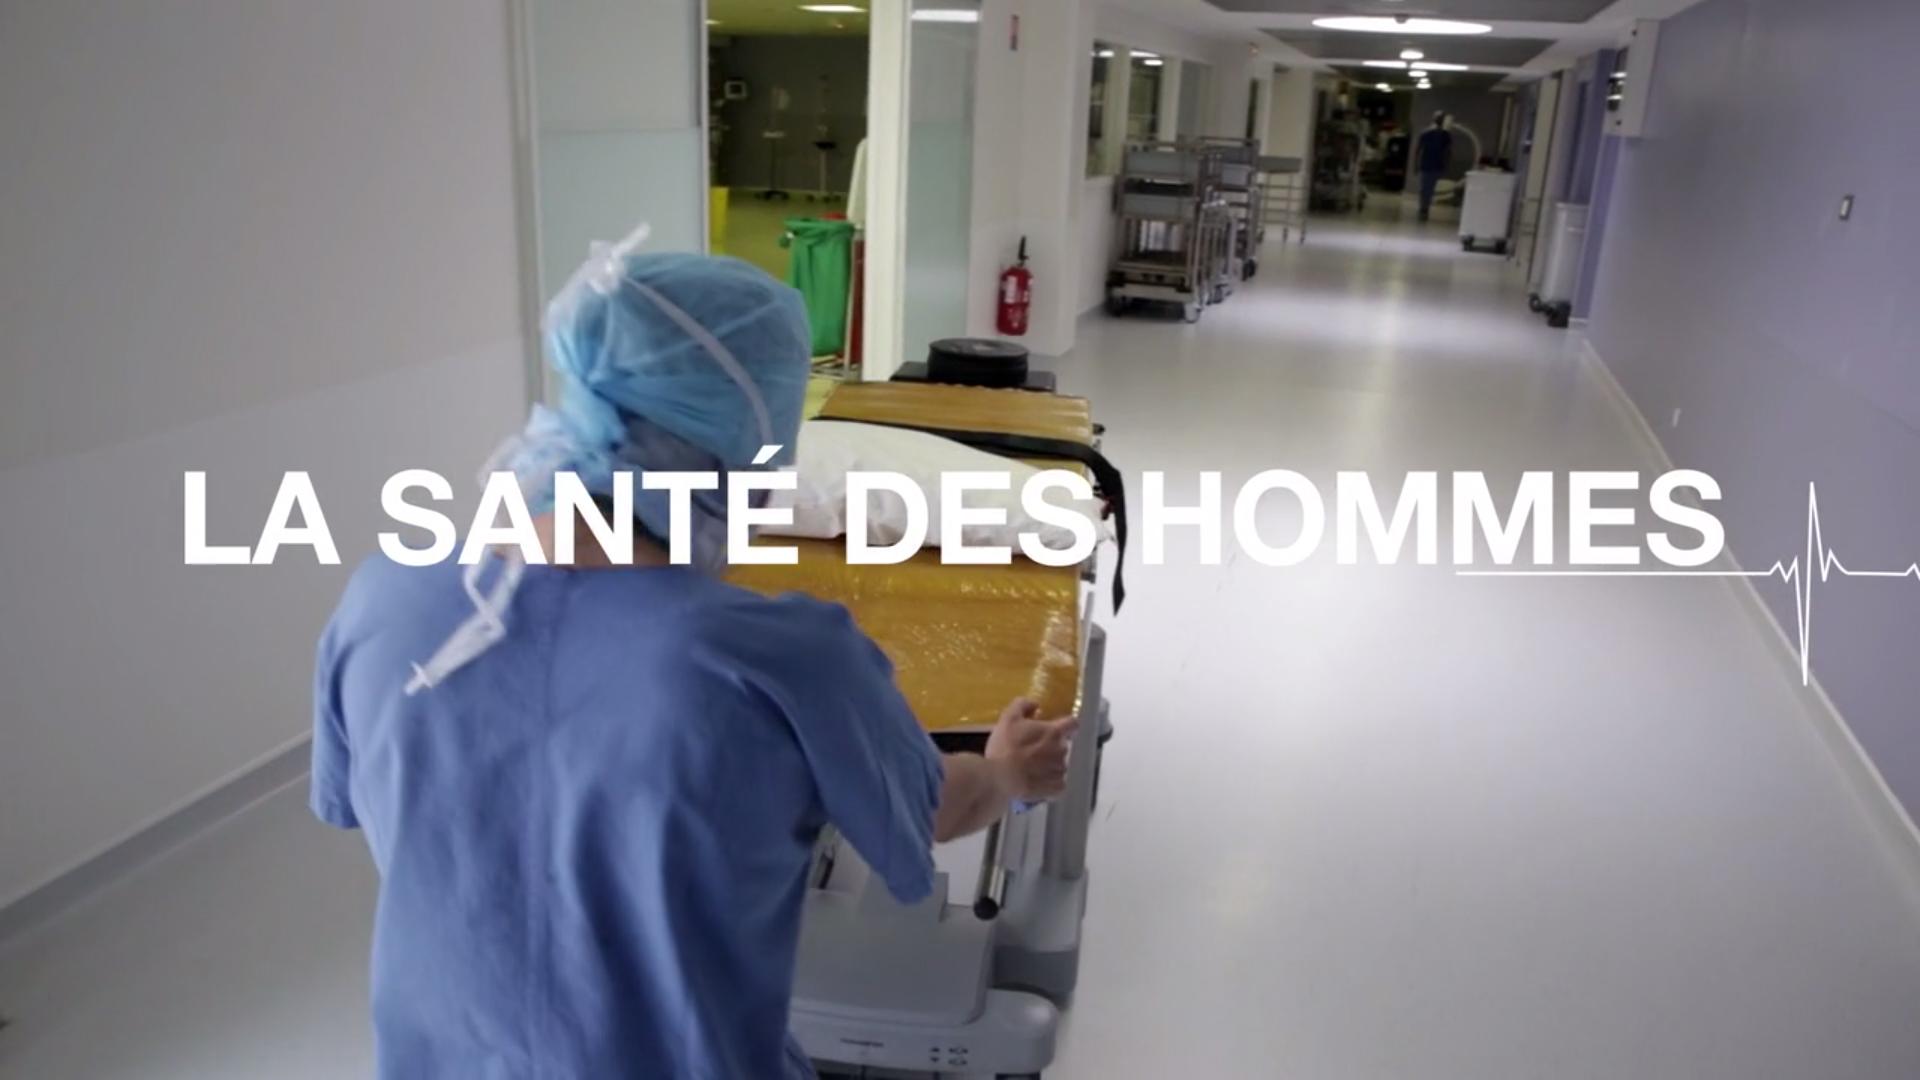 La santé des hommes - Documentaire 52'